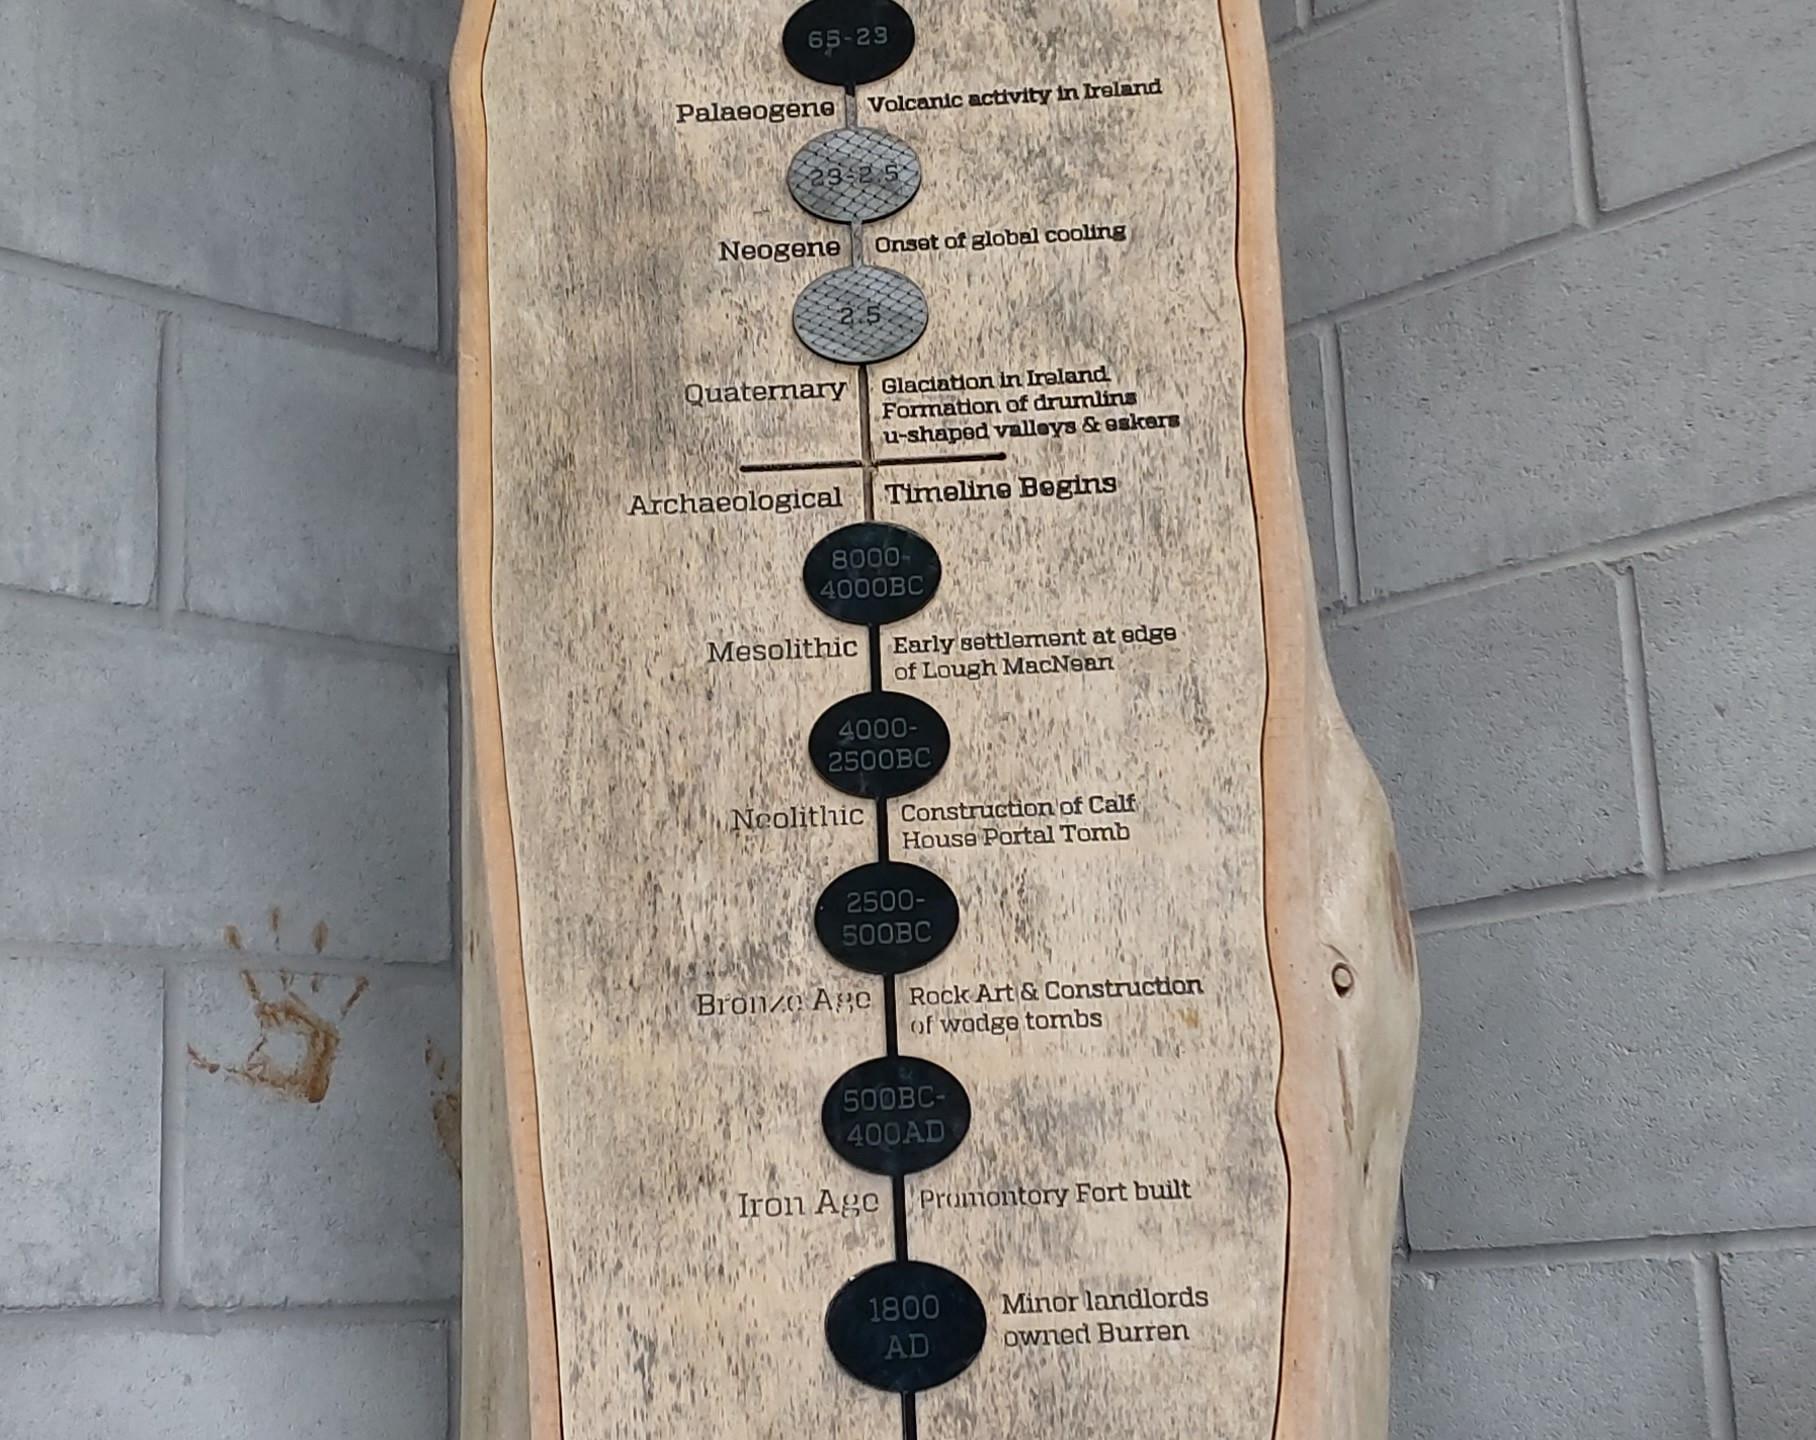 Timeline of the Cavan Burren